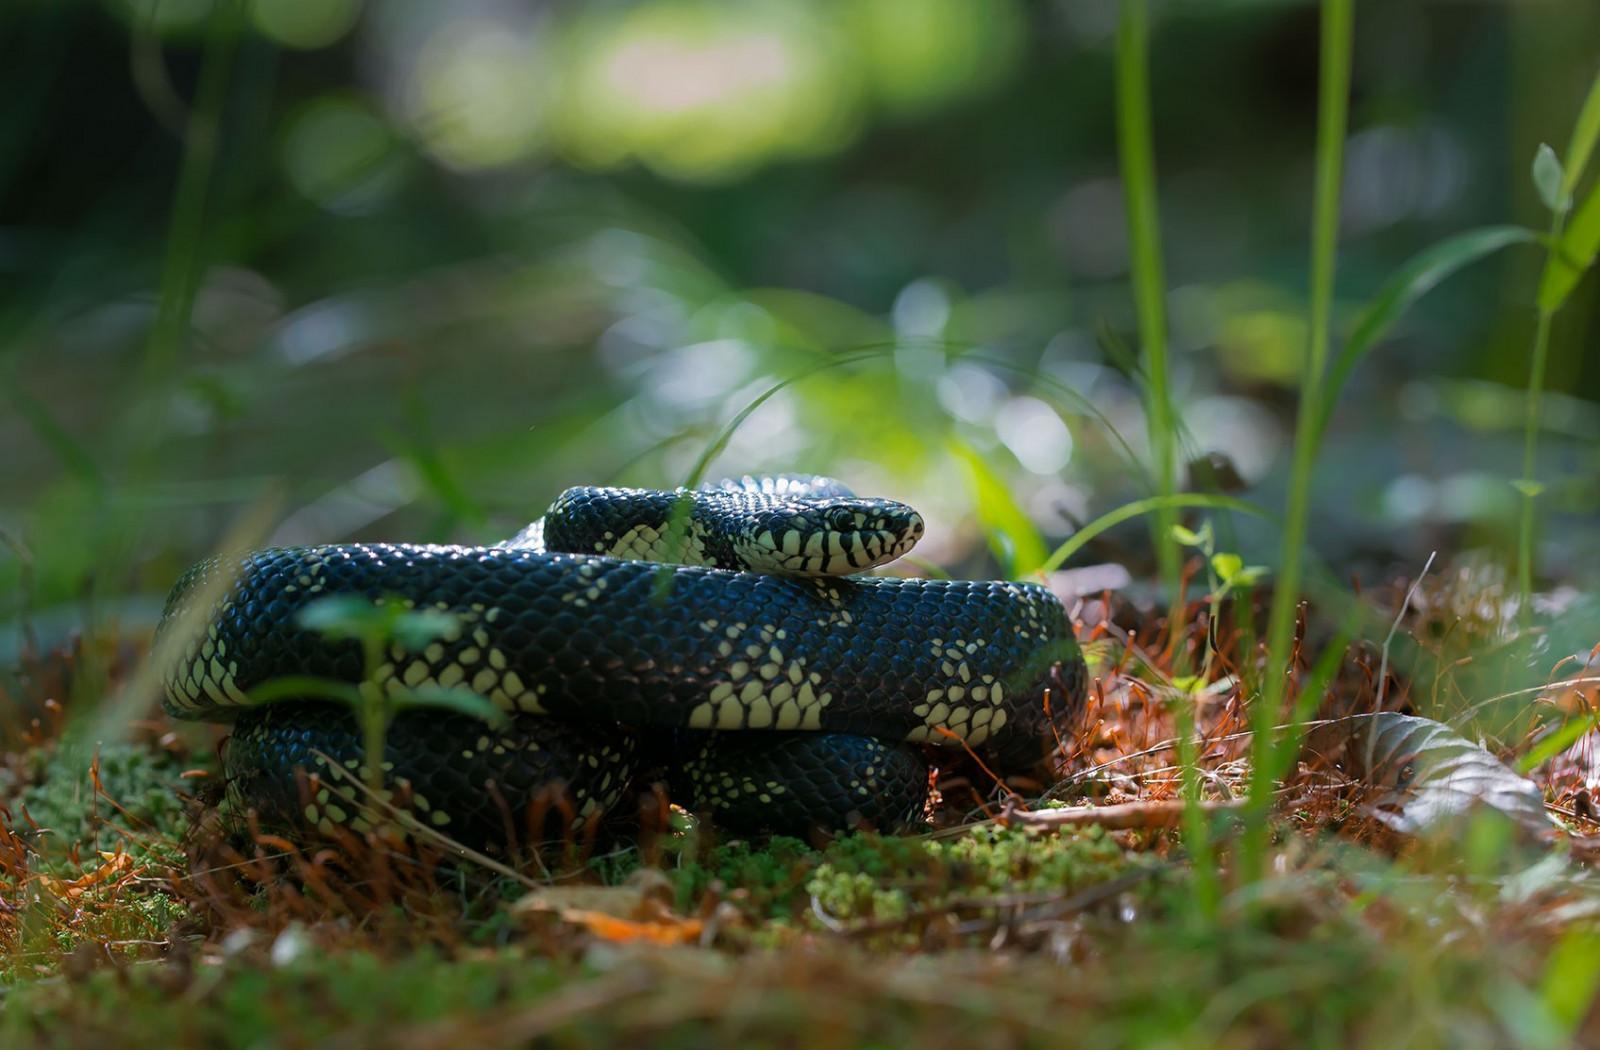 разбирать это зеленые змеи подмосковья фото и описание планете огромное количество